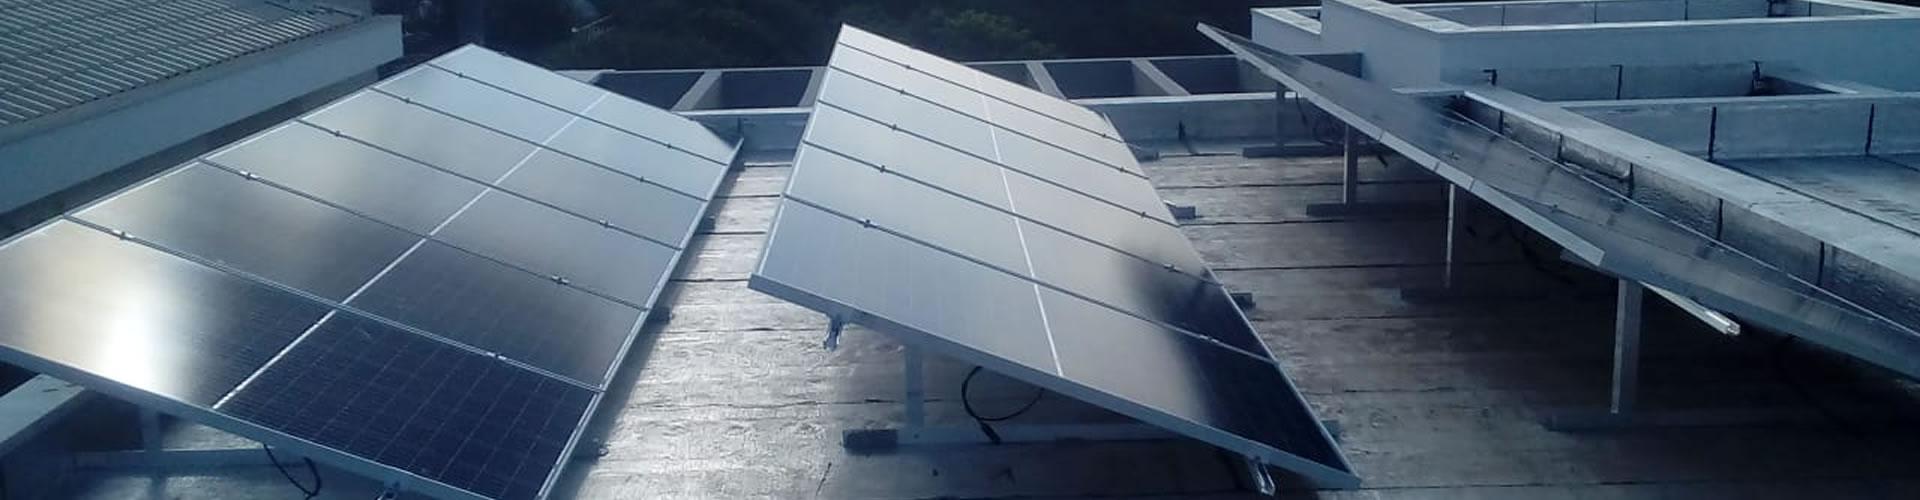 Instalação e Manutenção de Painéis de Energia Solar em Campinas - SP